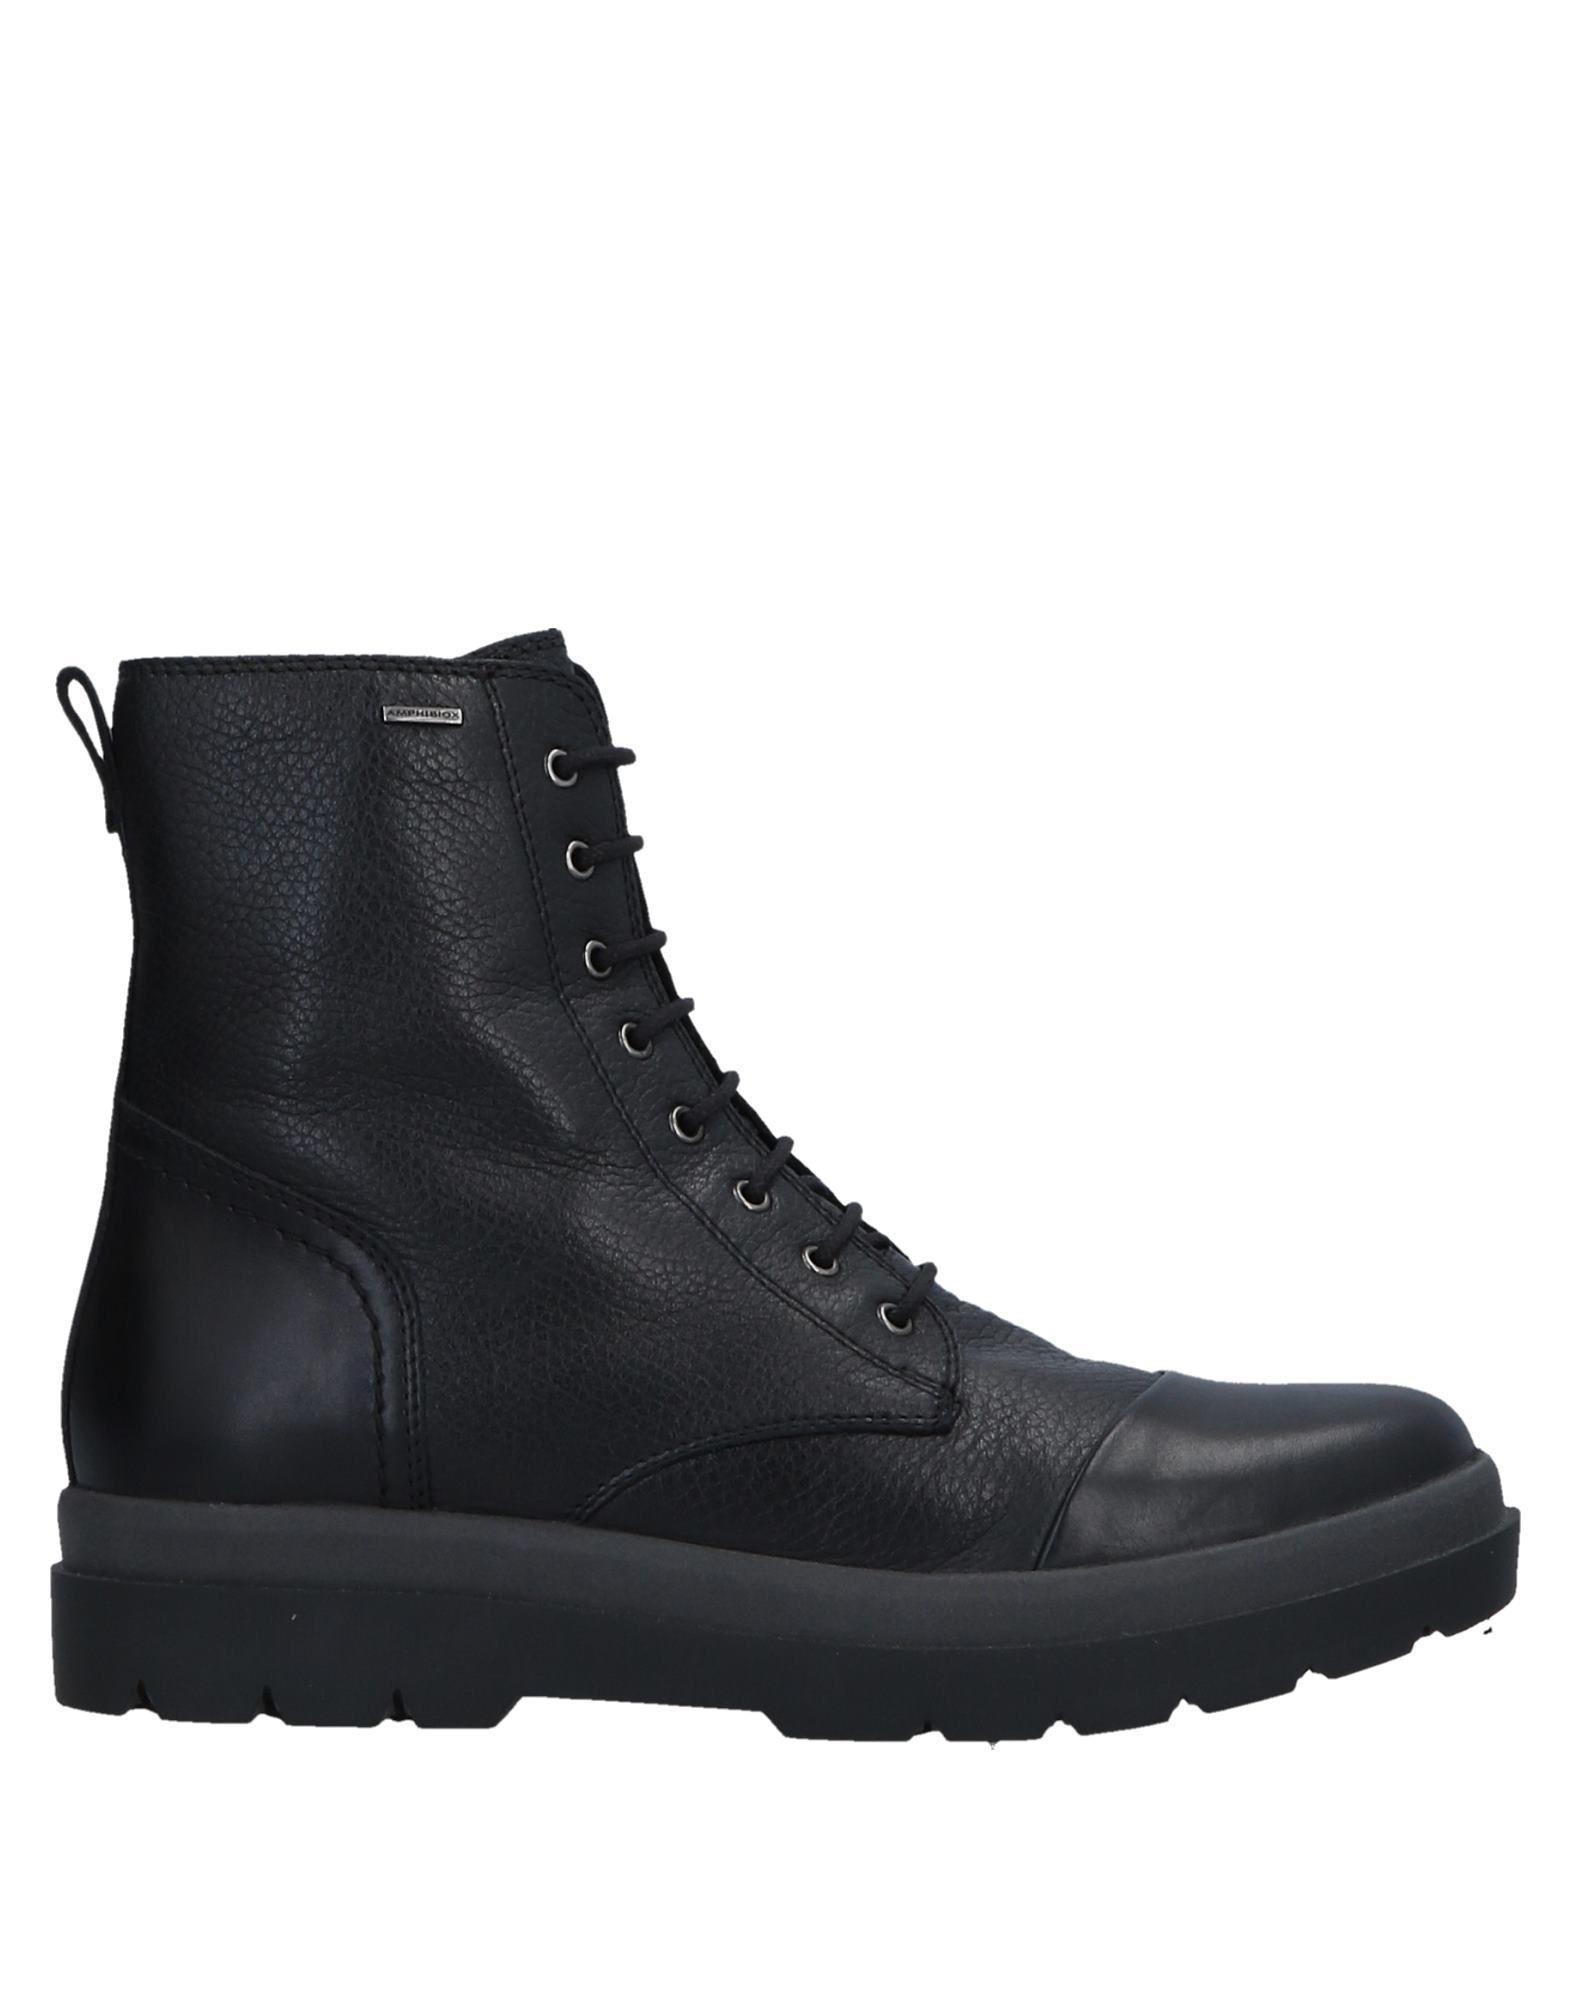 Geox Stiefelette Damen  11540811AL Gute Qualität beliebte Schuhe